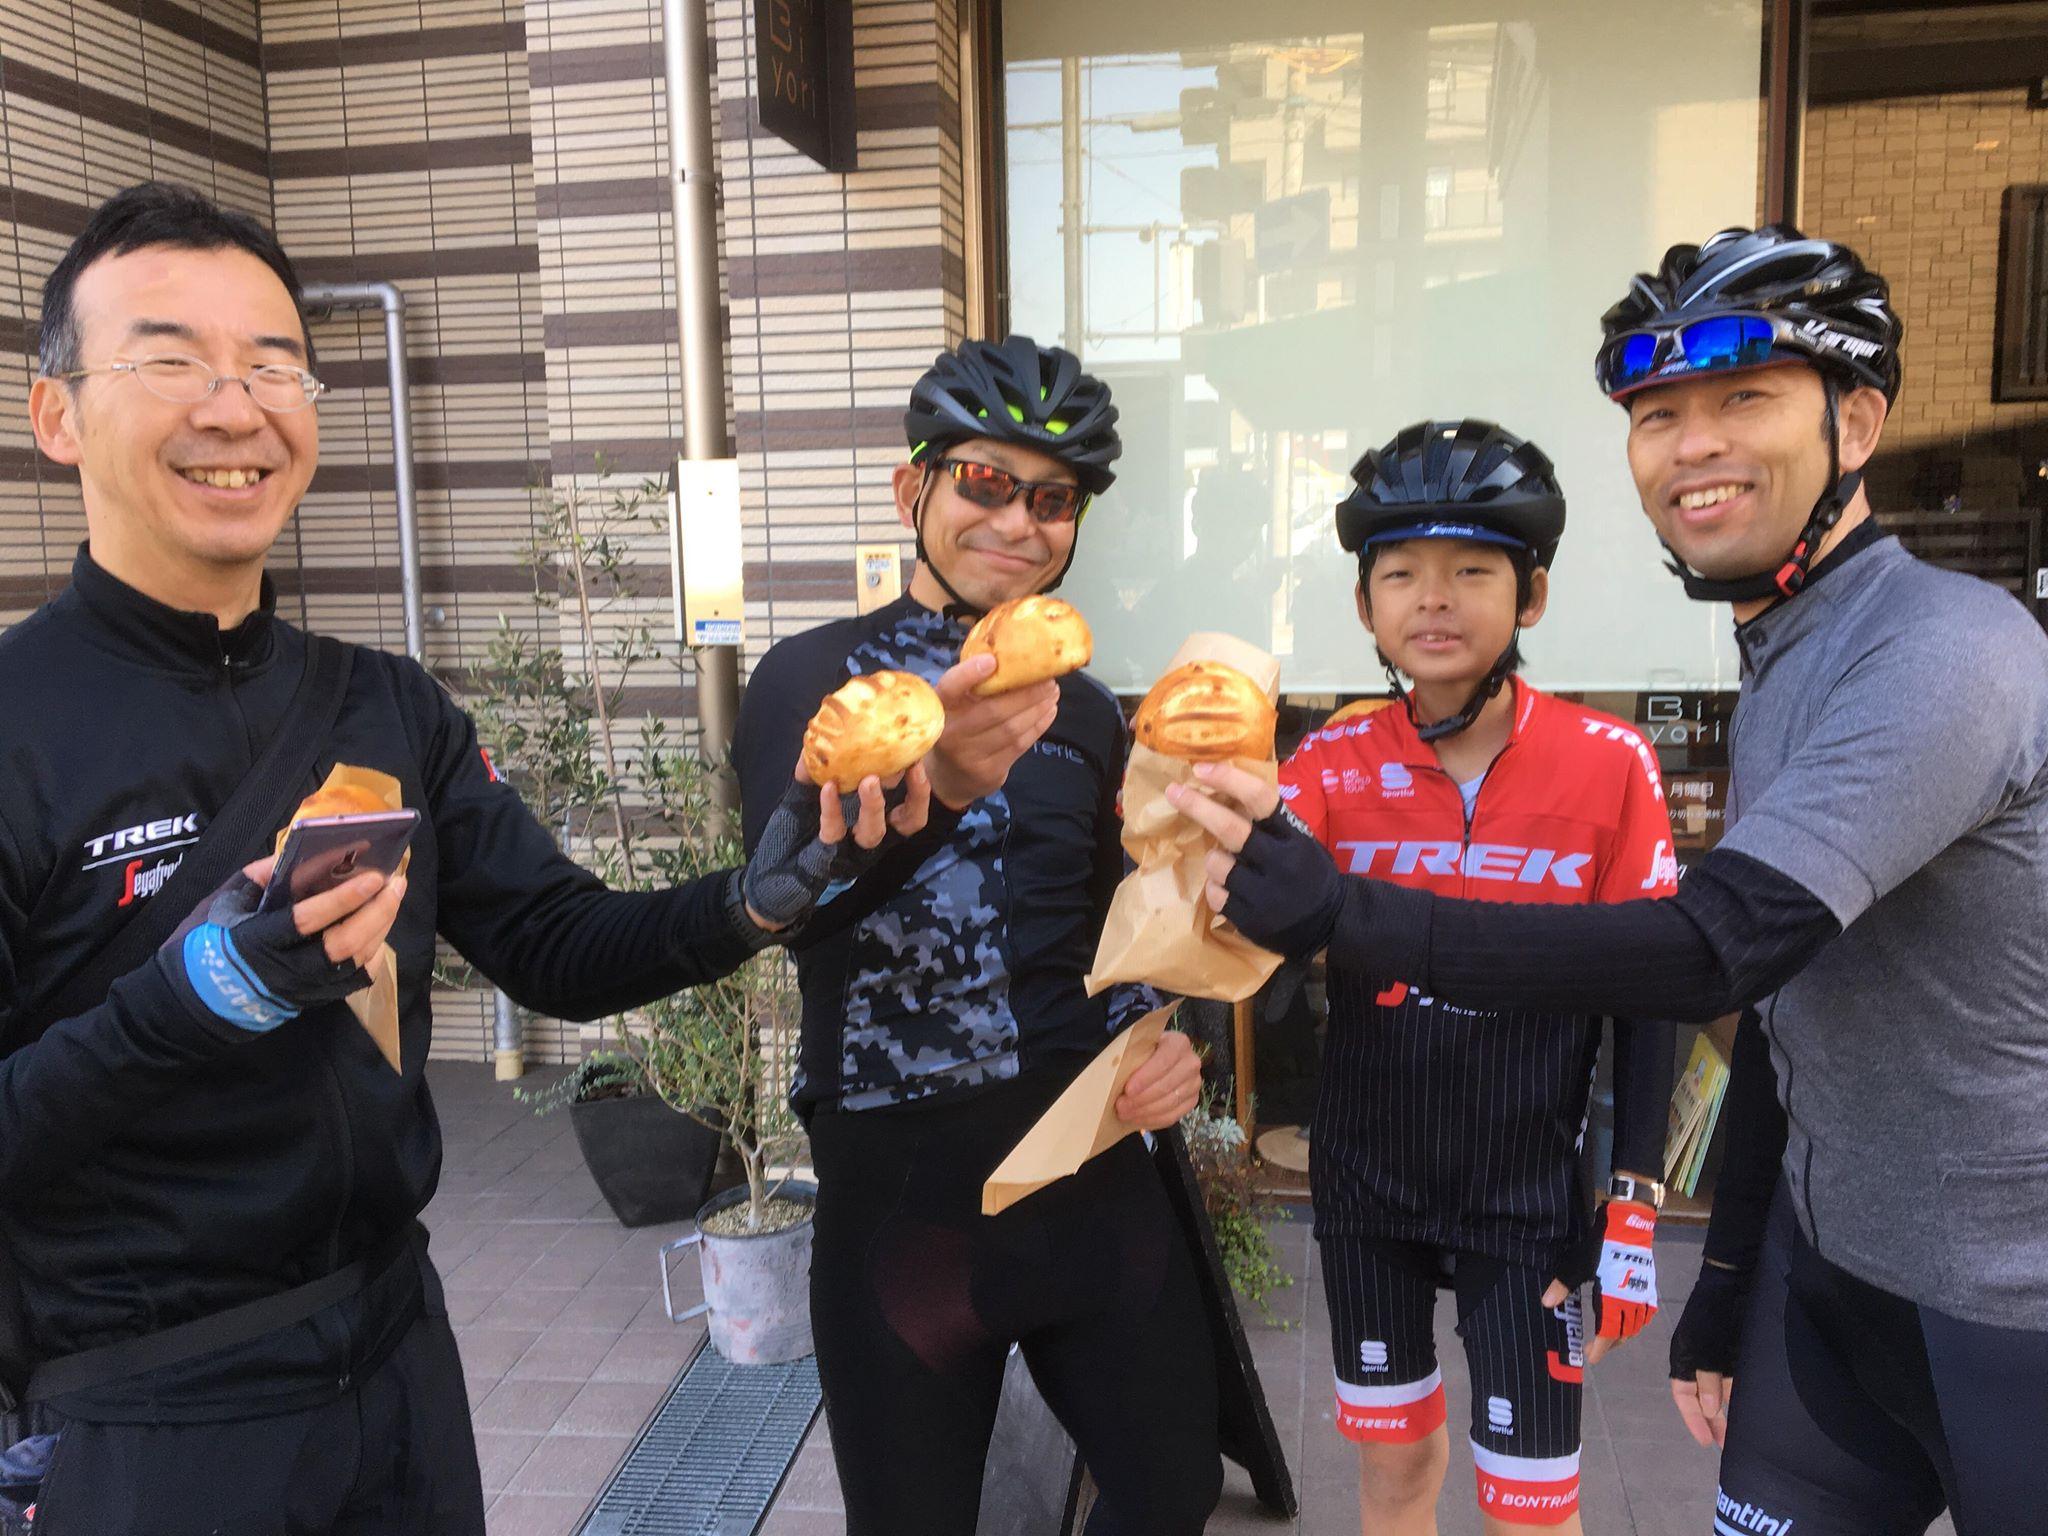 第二回 chari-pan!(チャリパン)ライドラリー 勝敗の行方は!?